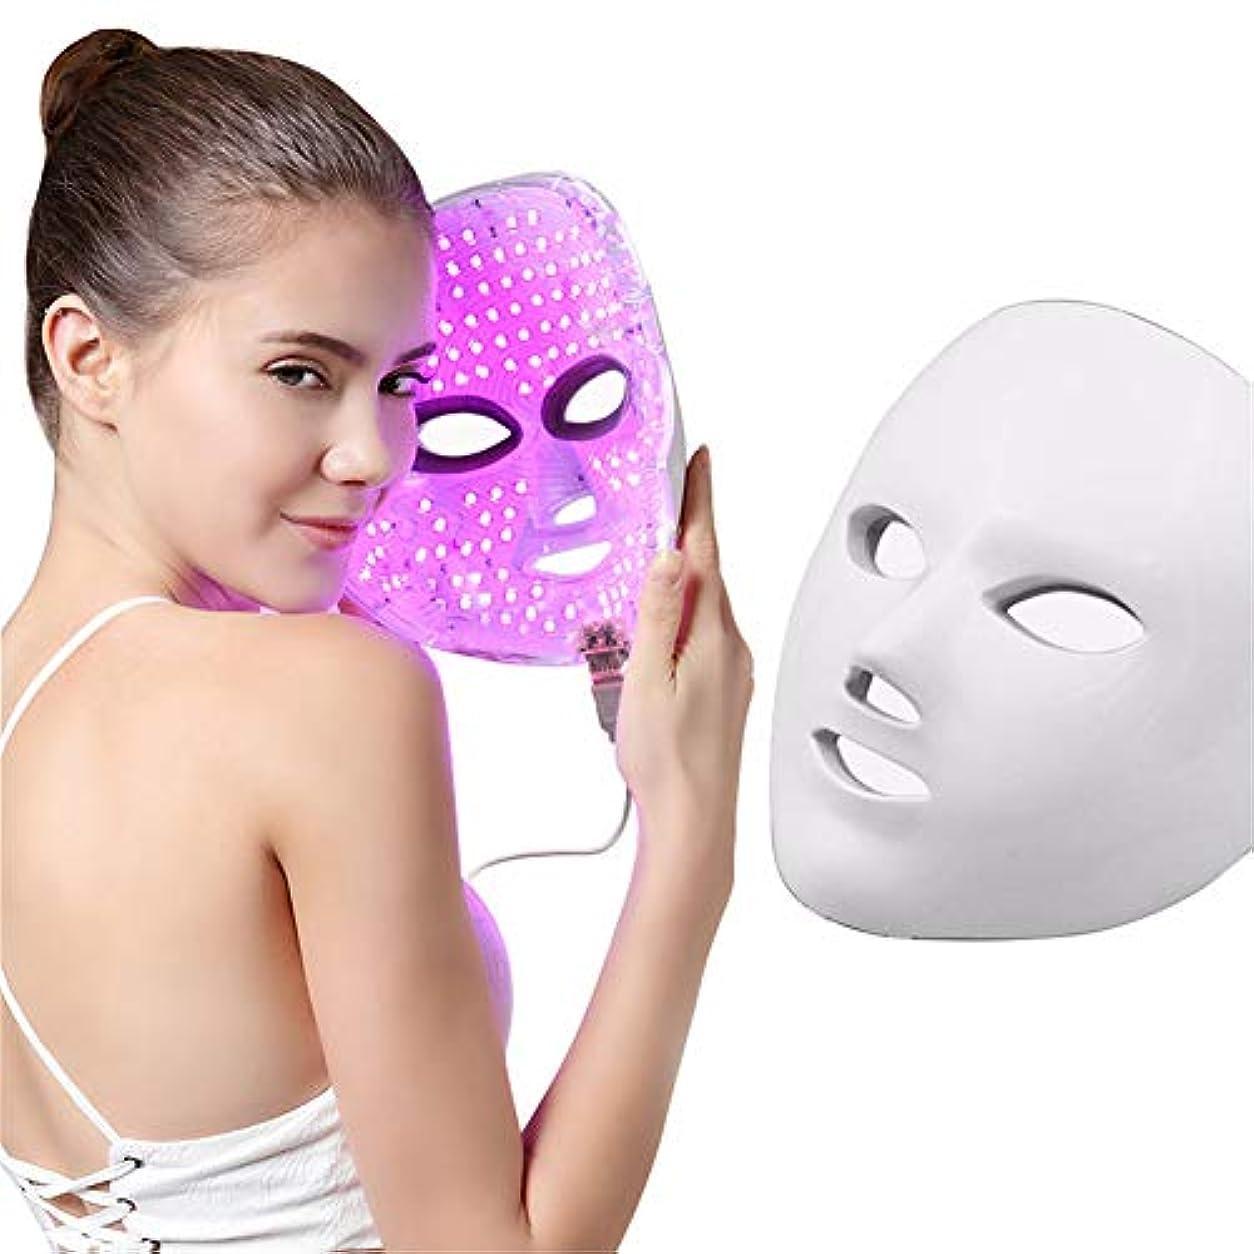 光電広告する算術7色ledマスク若返りにきび除去しわライト美容マスクled光線療法マッサージフェイシャルケア機付きリモコン